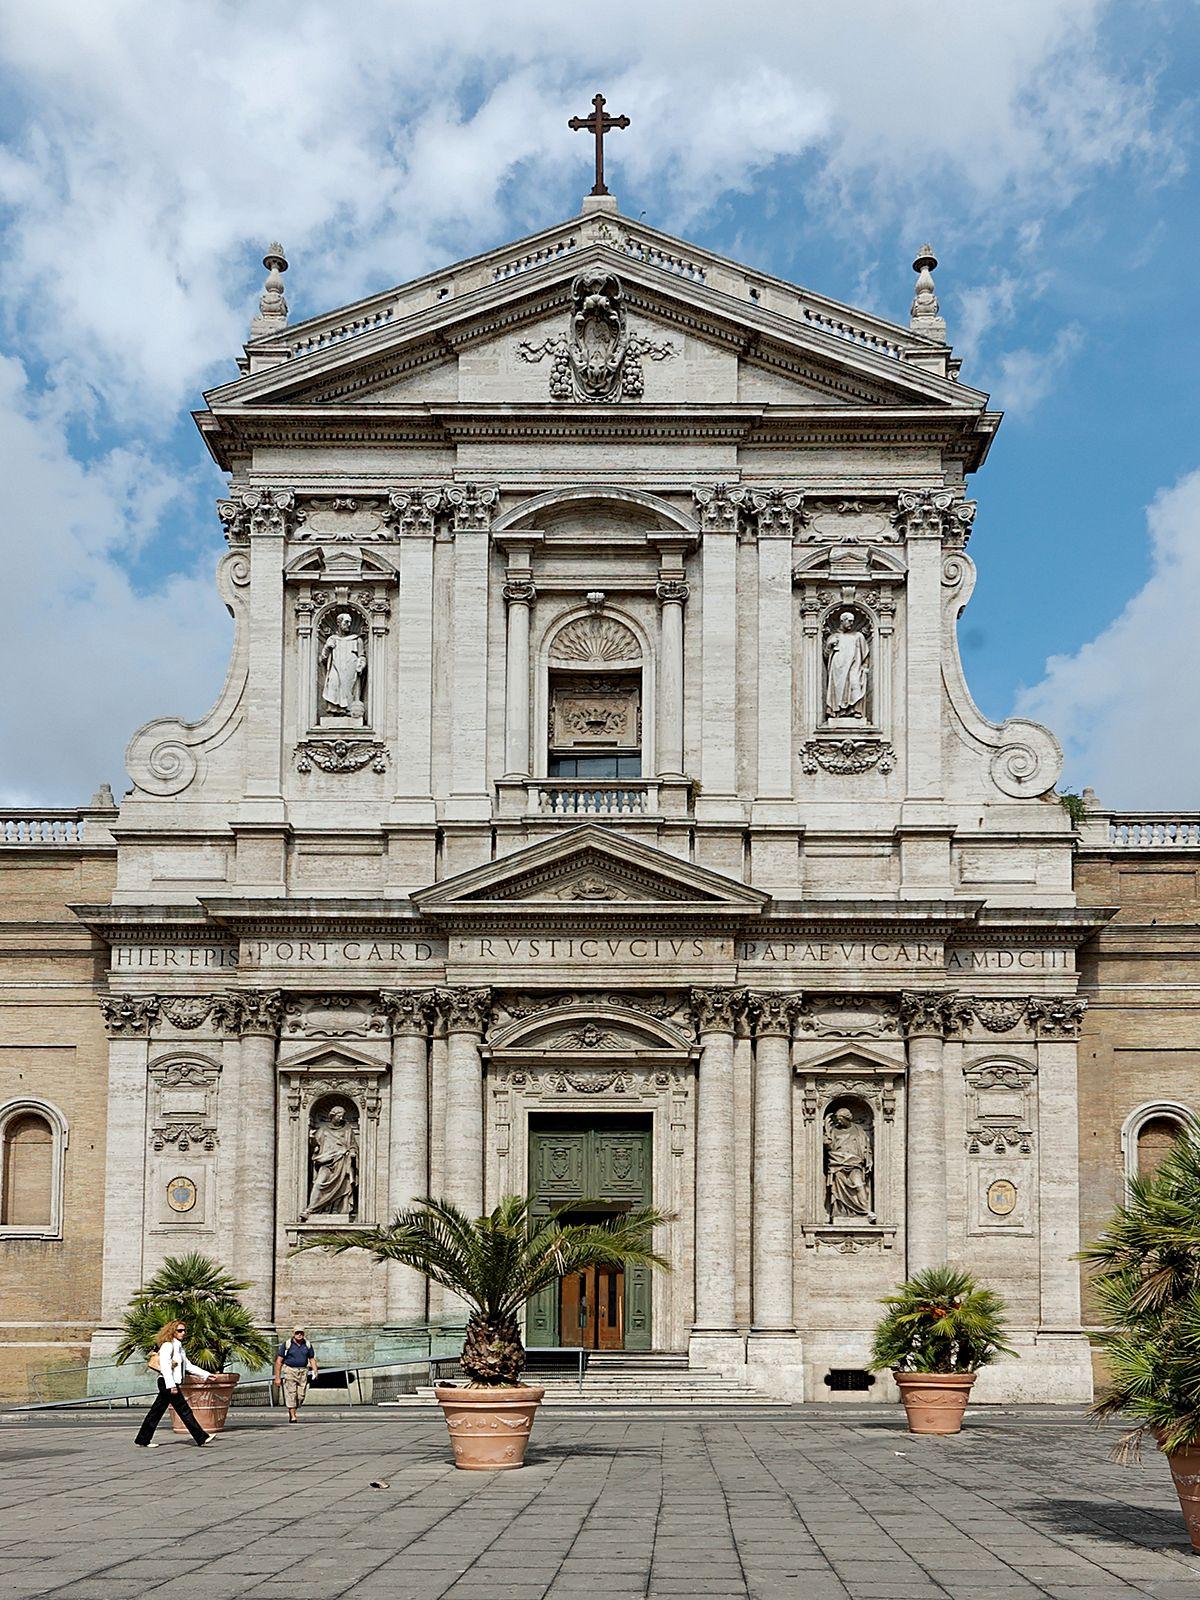 Santa Susanna façade (1603) | Source: wikimedia.org